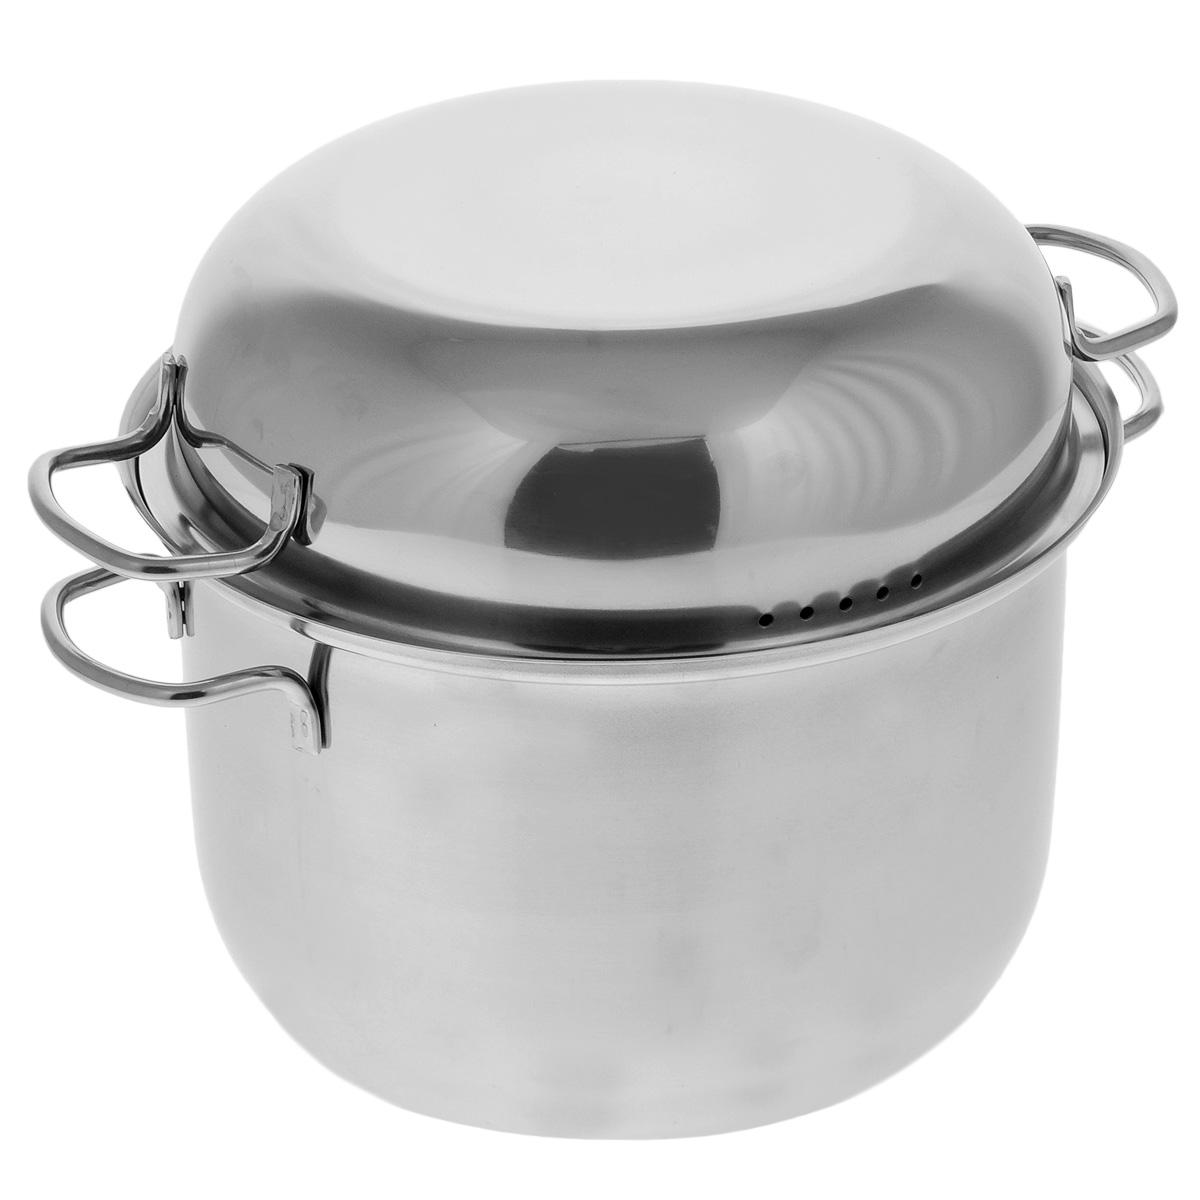 Мантоварка АМЕТ Классика с крышкой, 2 яруса, 5 л1с320Мантоварка АМЕТ Классика предназначена для приготовления диетических блюд на пару, в частности - мантов. Изделие гигиенично и безопасно для здоровья. Нержавеющая сталь обладает малой теплопроводностью, поэтому посуда из нее остывает гораздо медленнее, чем любой другой вид посуды, а значит, приготовленное в ней более длительное время остается горячим. Мантоварка укомплектована двумя решетками с ручками из нержавеющей стали на ножках и крышкой. Крышка плотно прилегает к краю мантоварки, сохраняя аромат блюд. Крышка оснащена двумя удобными ручками и отверстиями для выпуска пара. Подходит для газовых и электрических плит. Можно мыть в посудомоечной машине. Высота стенки: 15 см. Толщина стенки: 0,3 см. Толщина дна: 0,3 см. Ширина с учетом ручек: 30,5 см. Диаметр решетки: 20,5 см. Высота мантоварки (с учетом крышки): 21,5 см.